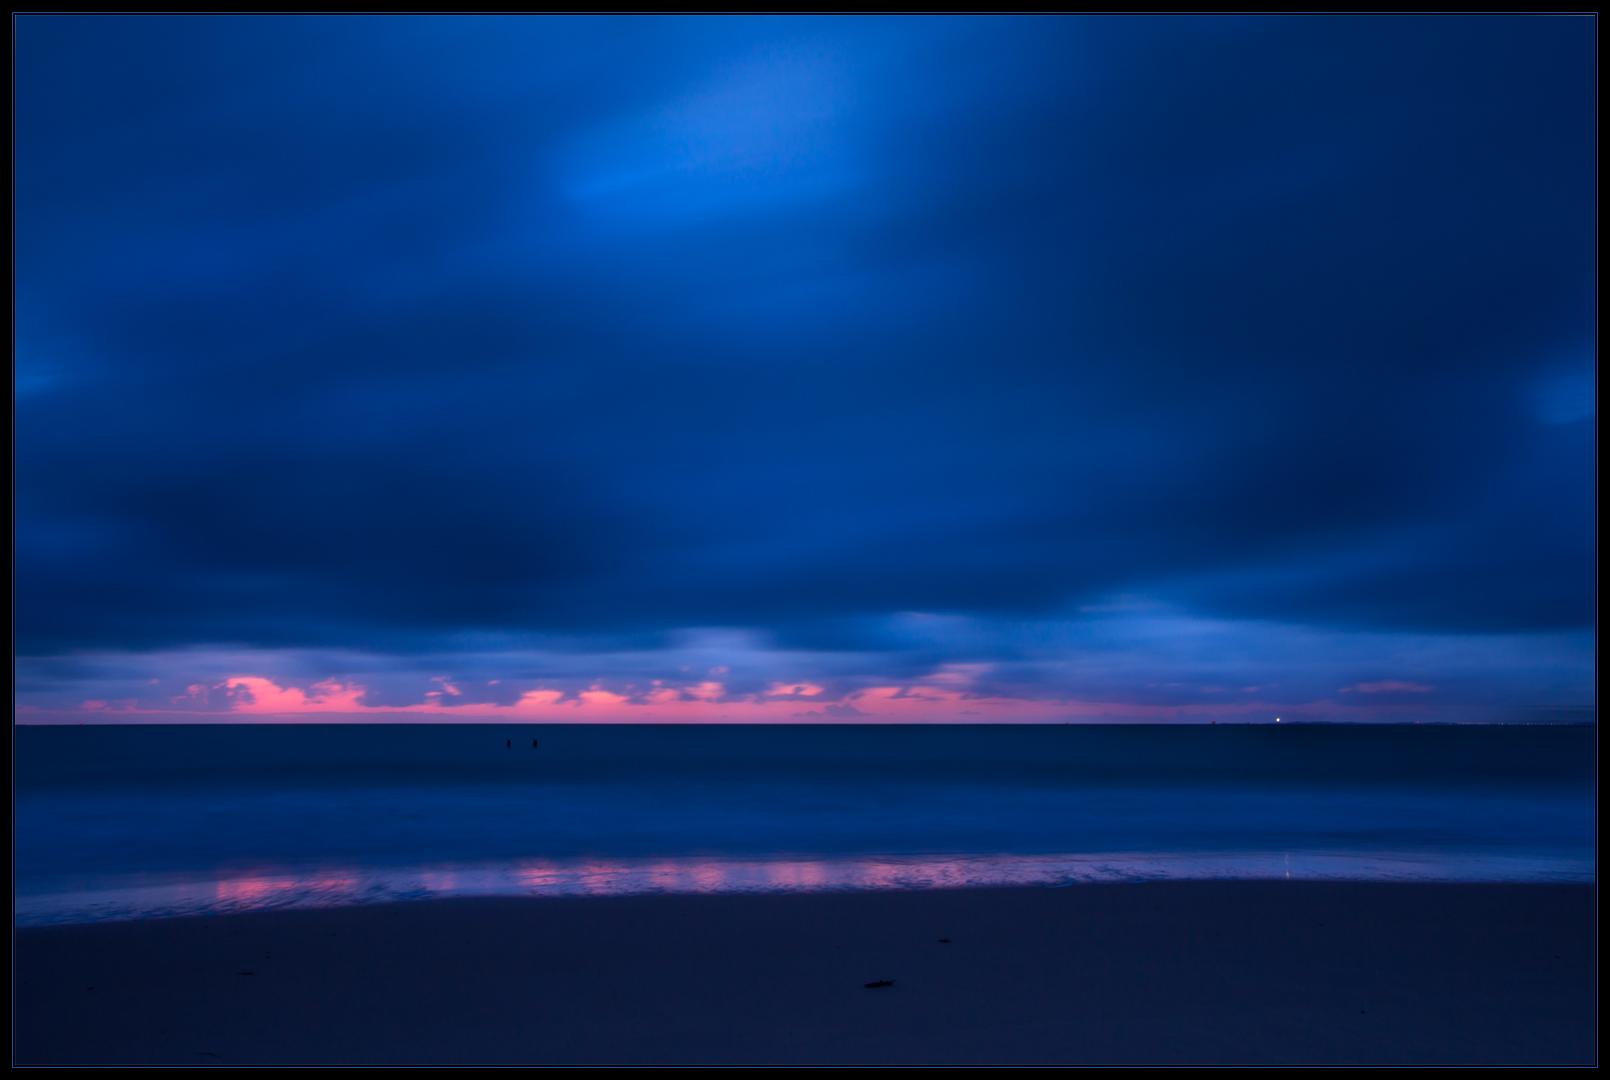 Magische Momente nachts am Meer... (Langzeit-Aufnahme)